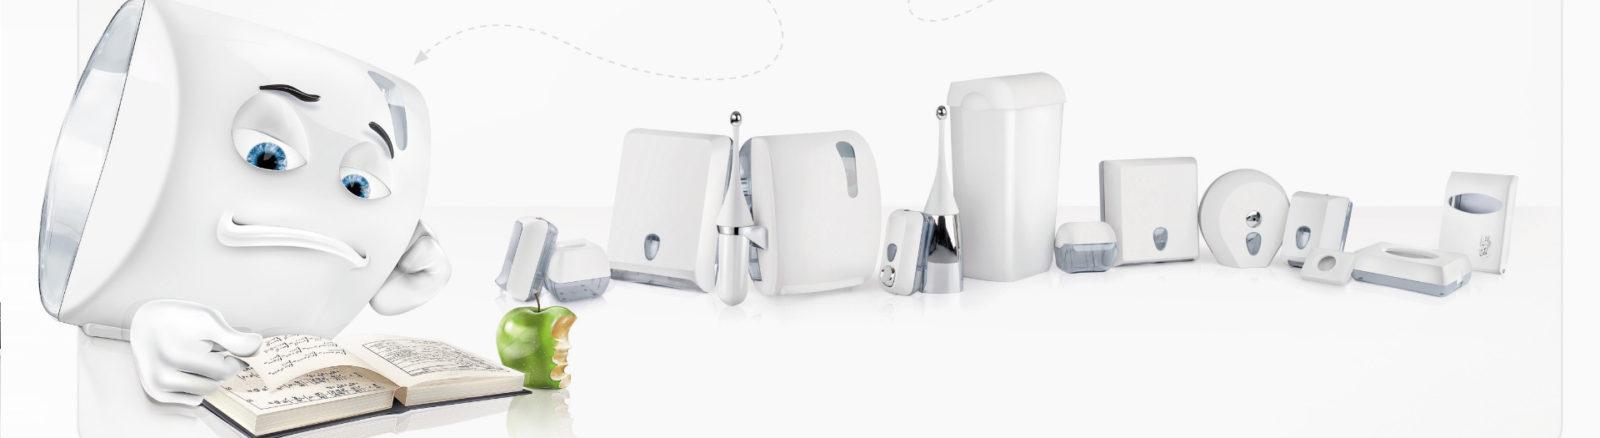 fornitura materiale igienico aziende